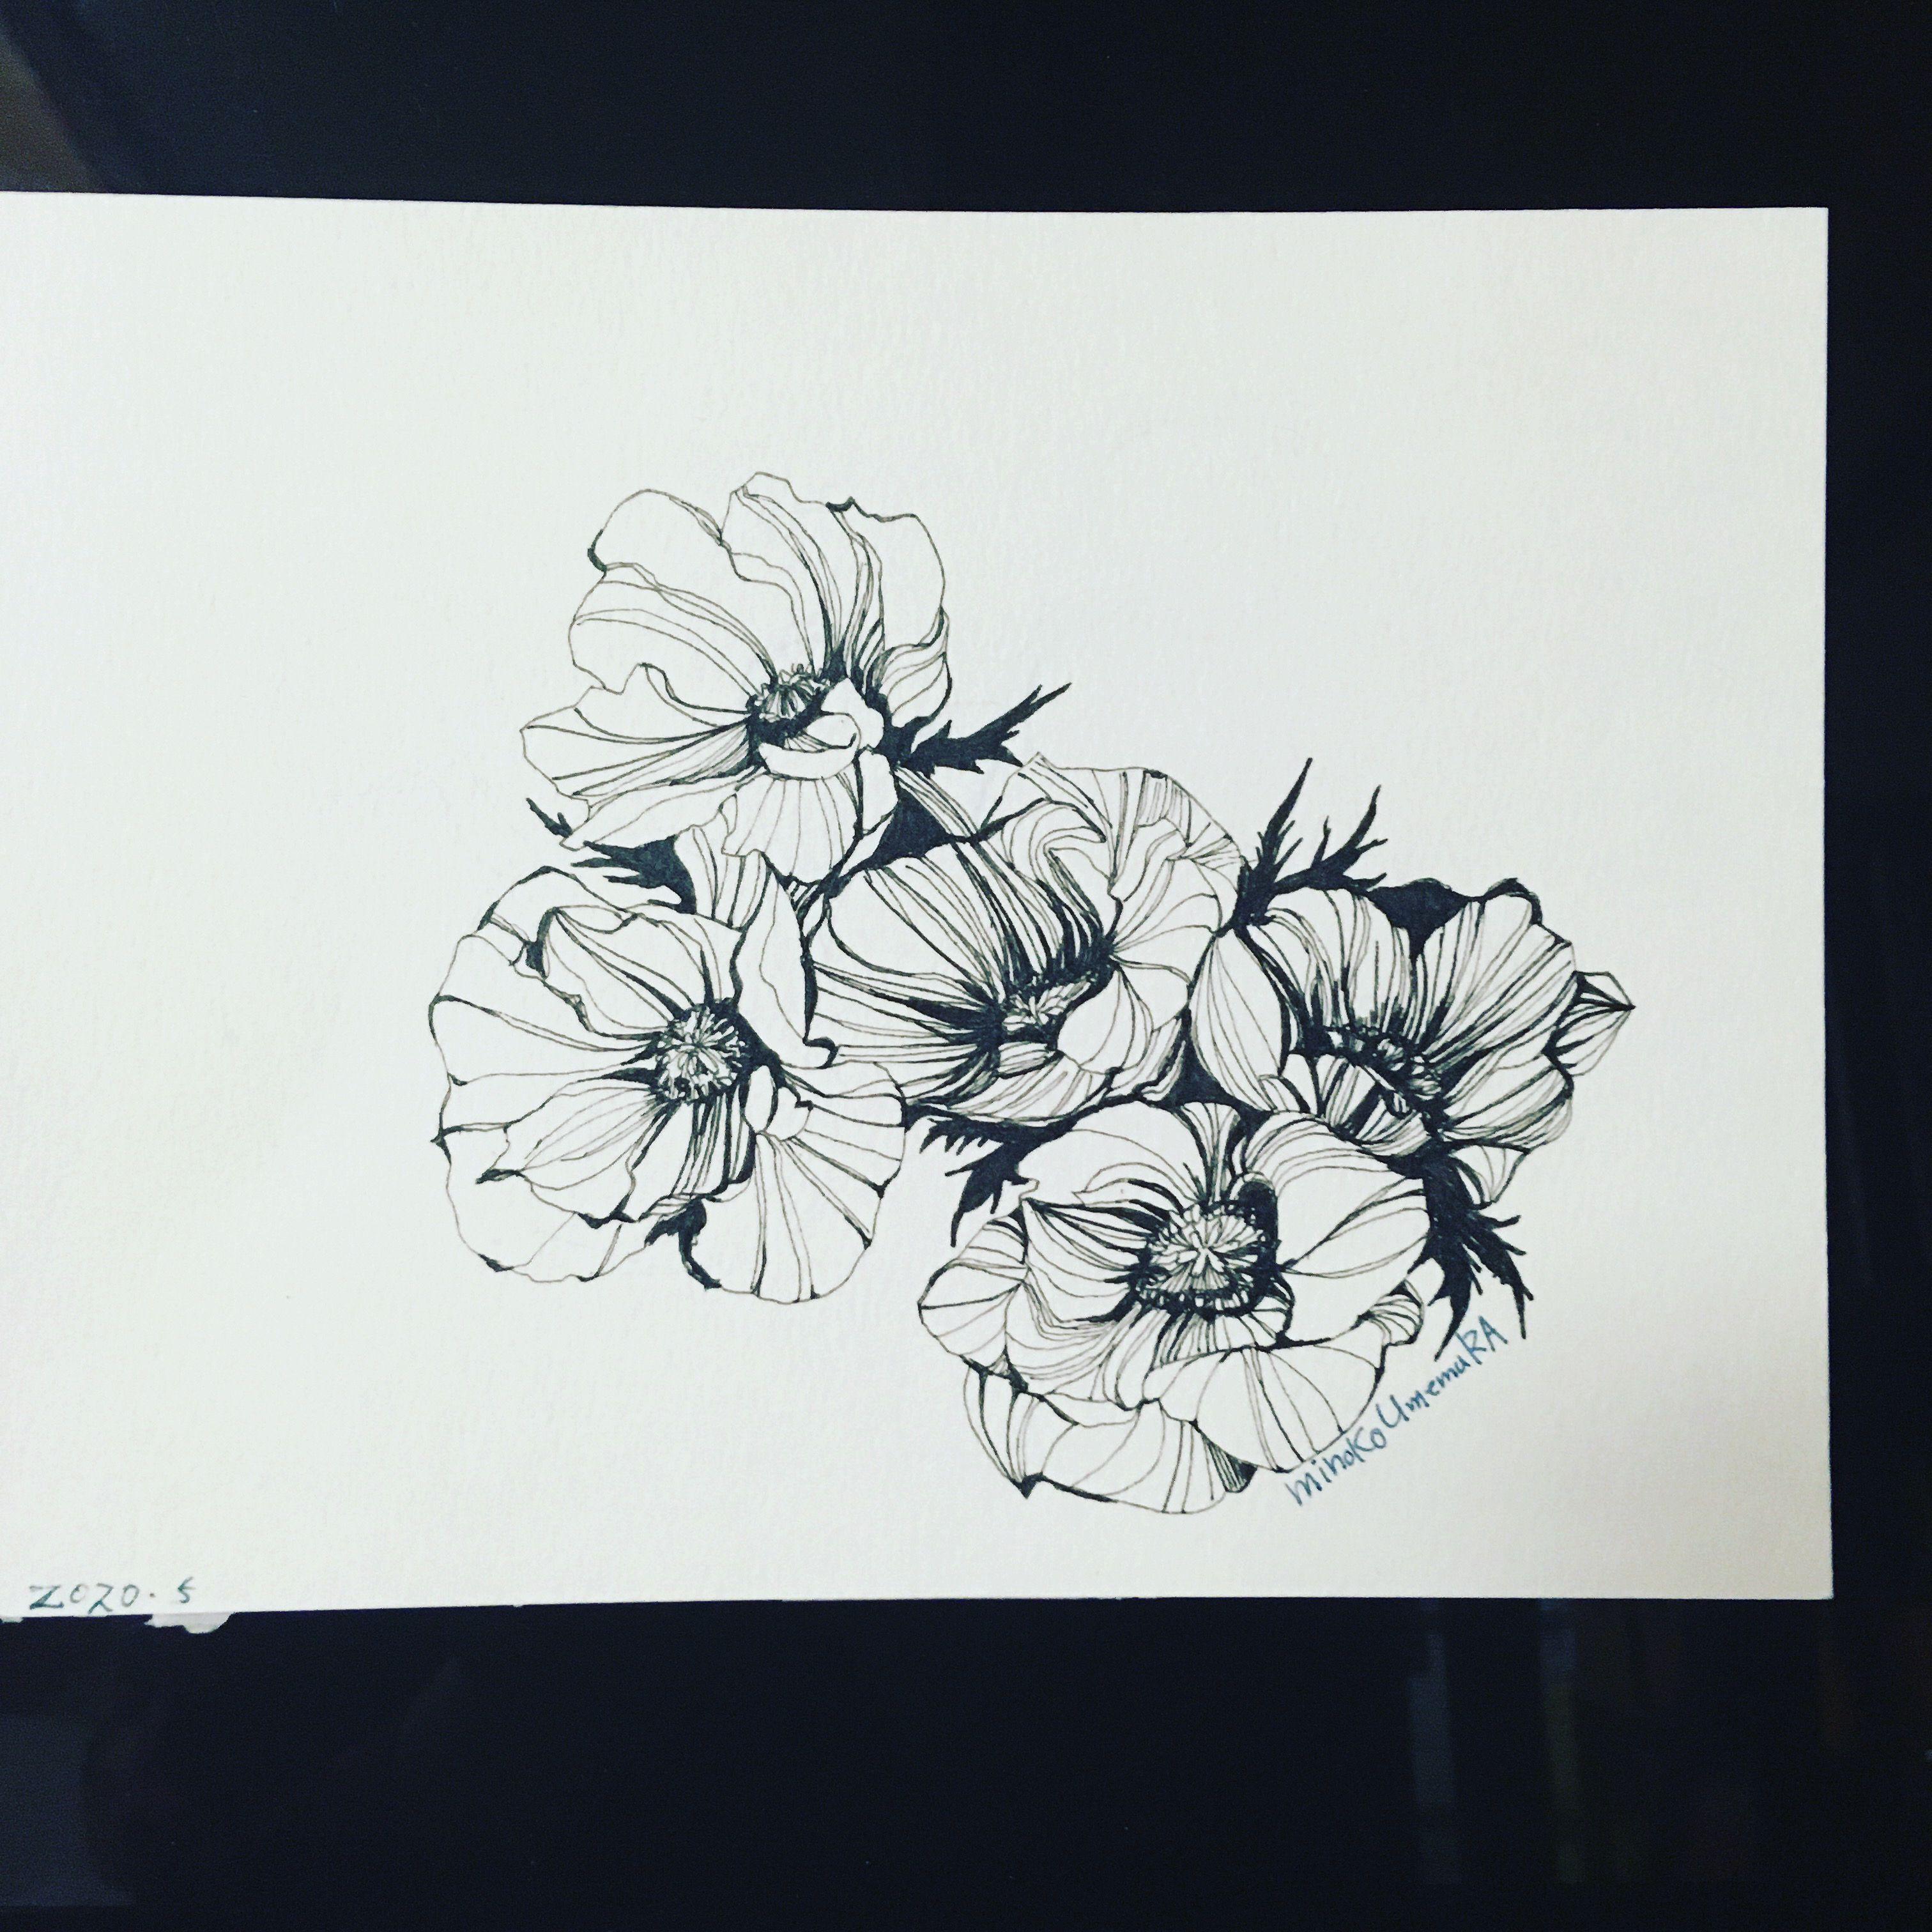 イラスト原画 おしゃれまとめの人気アイデア Pinterest Peony19020 ボールペン画 花 絵 スケッチ